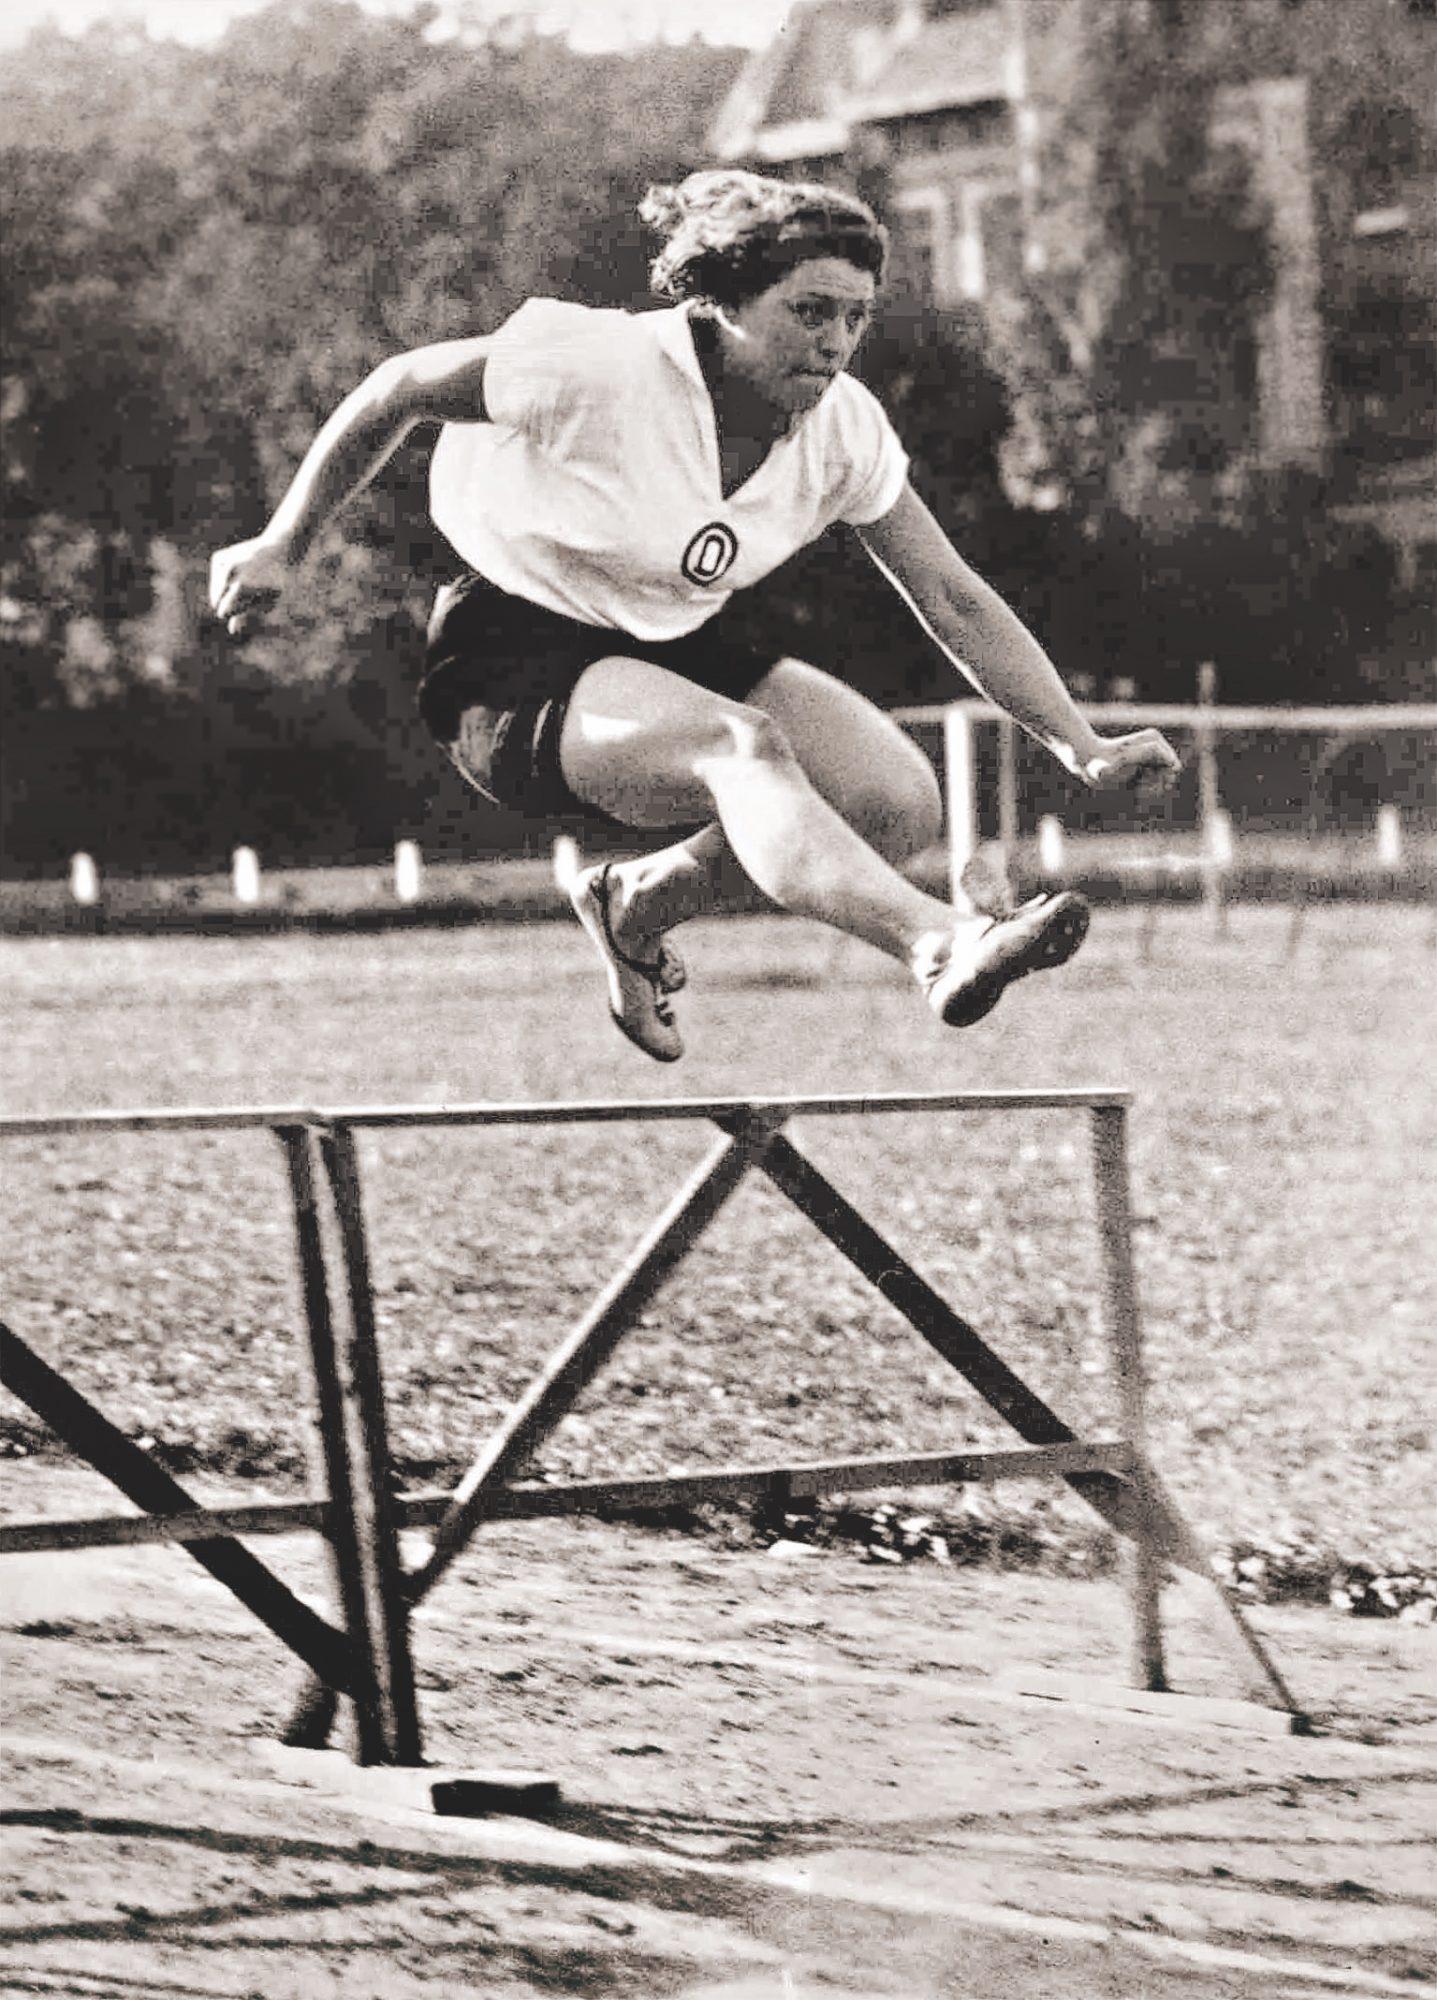 Elisabeth 'Lisl' Perkaus vom Floridsdorfer AC war die beste  Allround-Leichtathletin der  Zwischenkriegszeit. Foto: Edition Winkler-Hermaden/ÖNB.